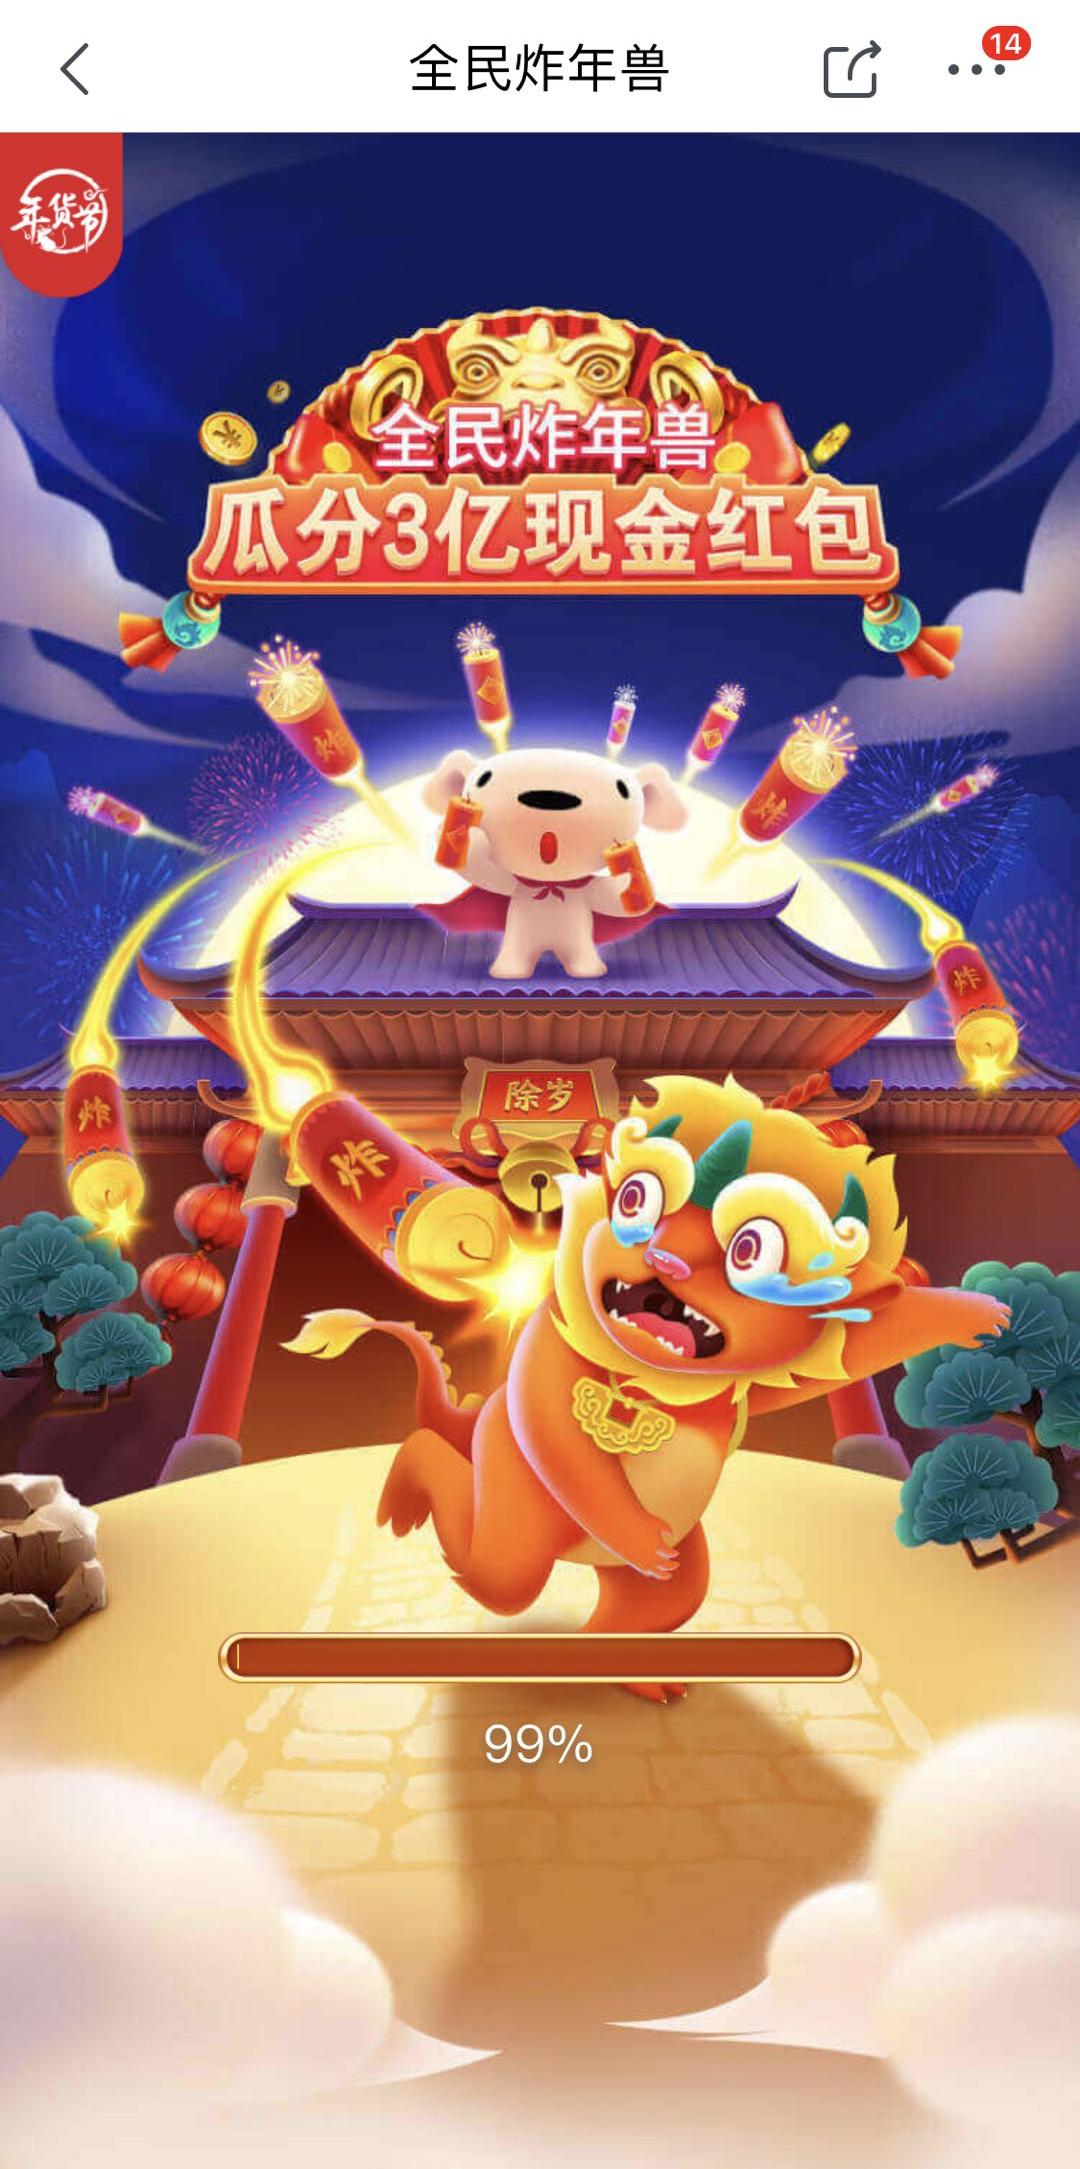 京东年货节互动游戏不亦乐乎,全民炸年兽年味十足,3亿全瓜分!